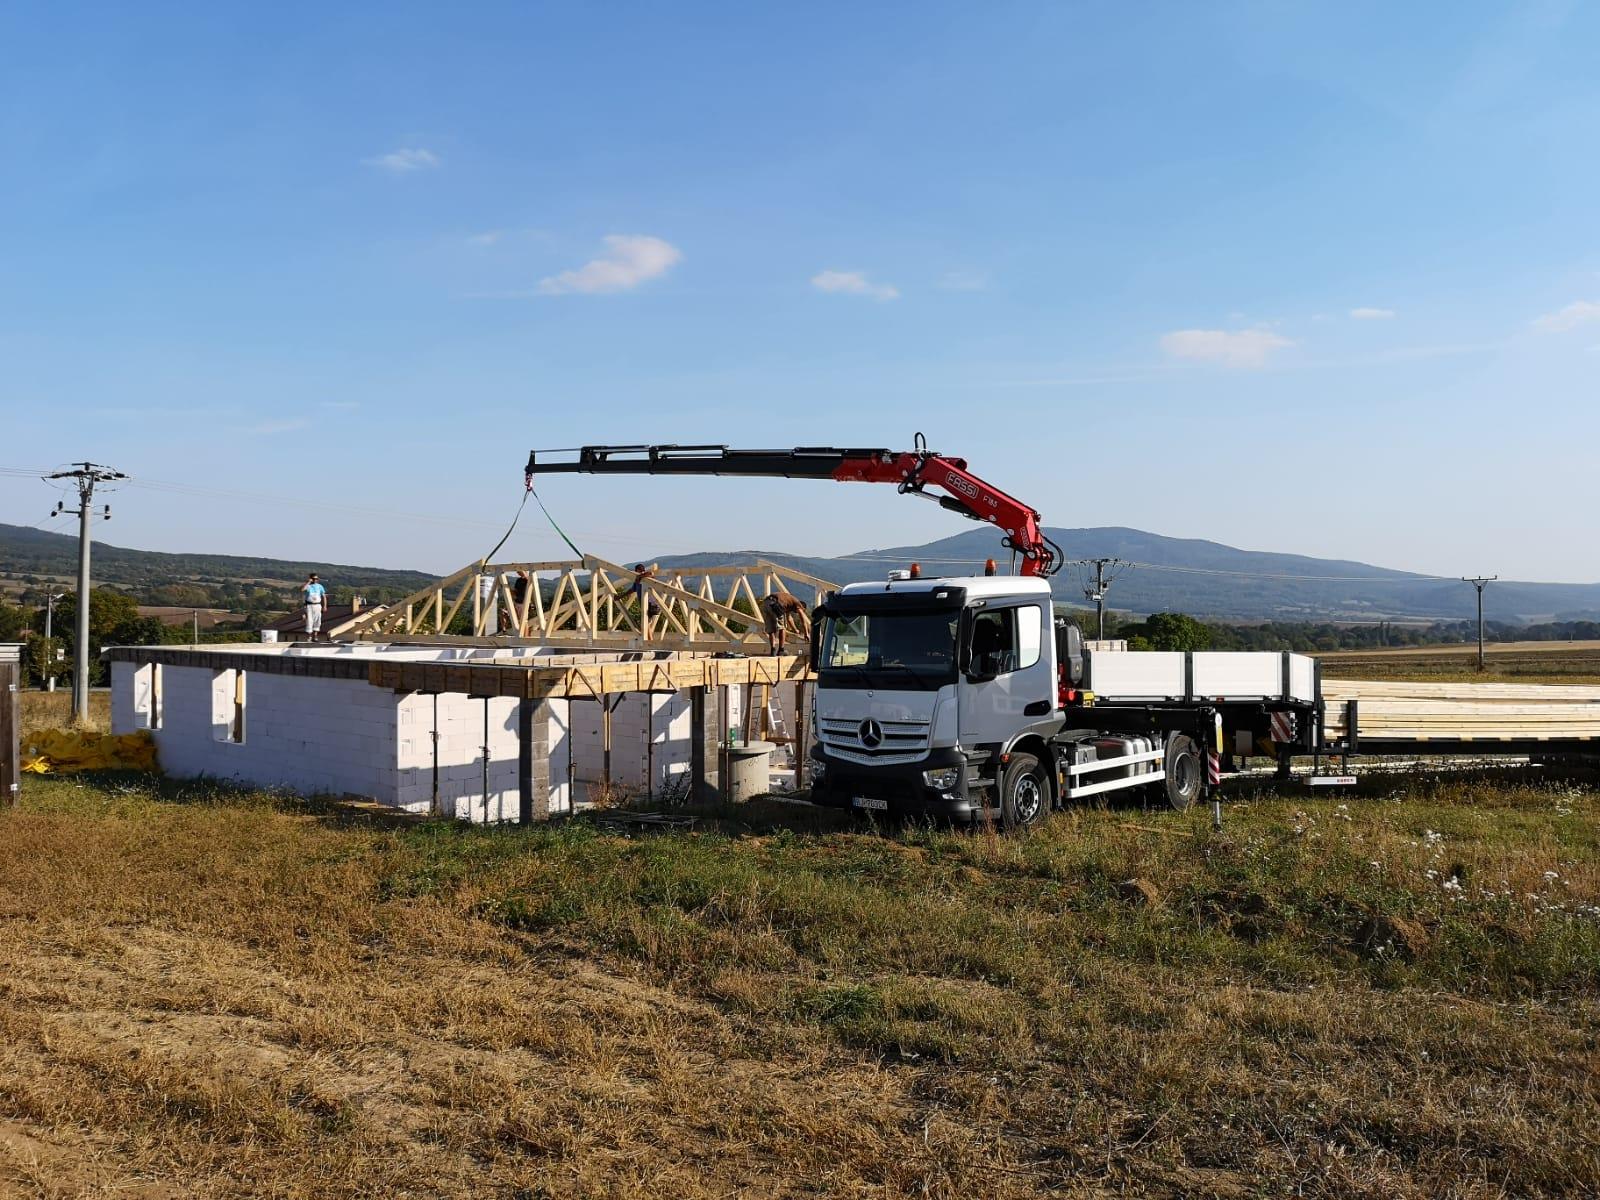 kamenica-01-krovy-strechy-vazniky-priehradove-drevene-vyroba-montaz-rodinny-dom-preprava-nadrozmer-hydraulicka-ruka-09.jpg